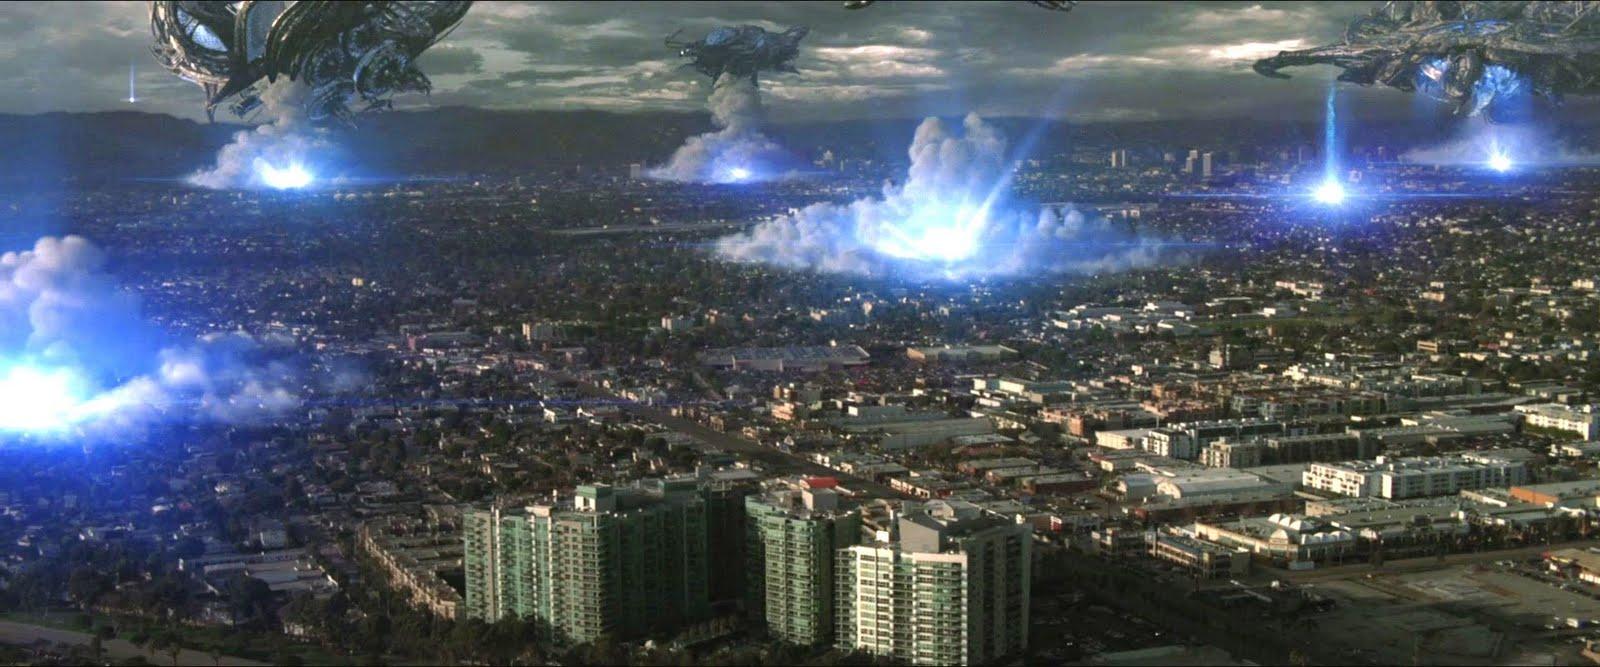 Resultado de imagen para extraterrestres atacando la tierra